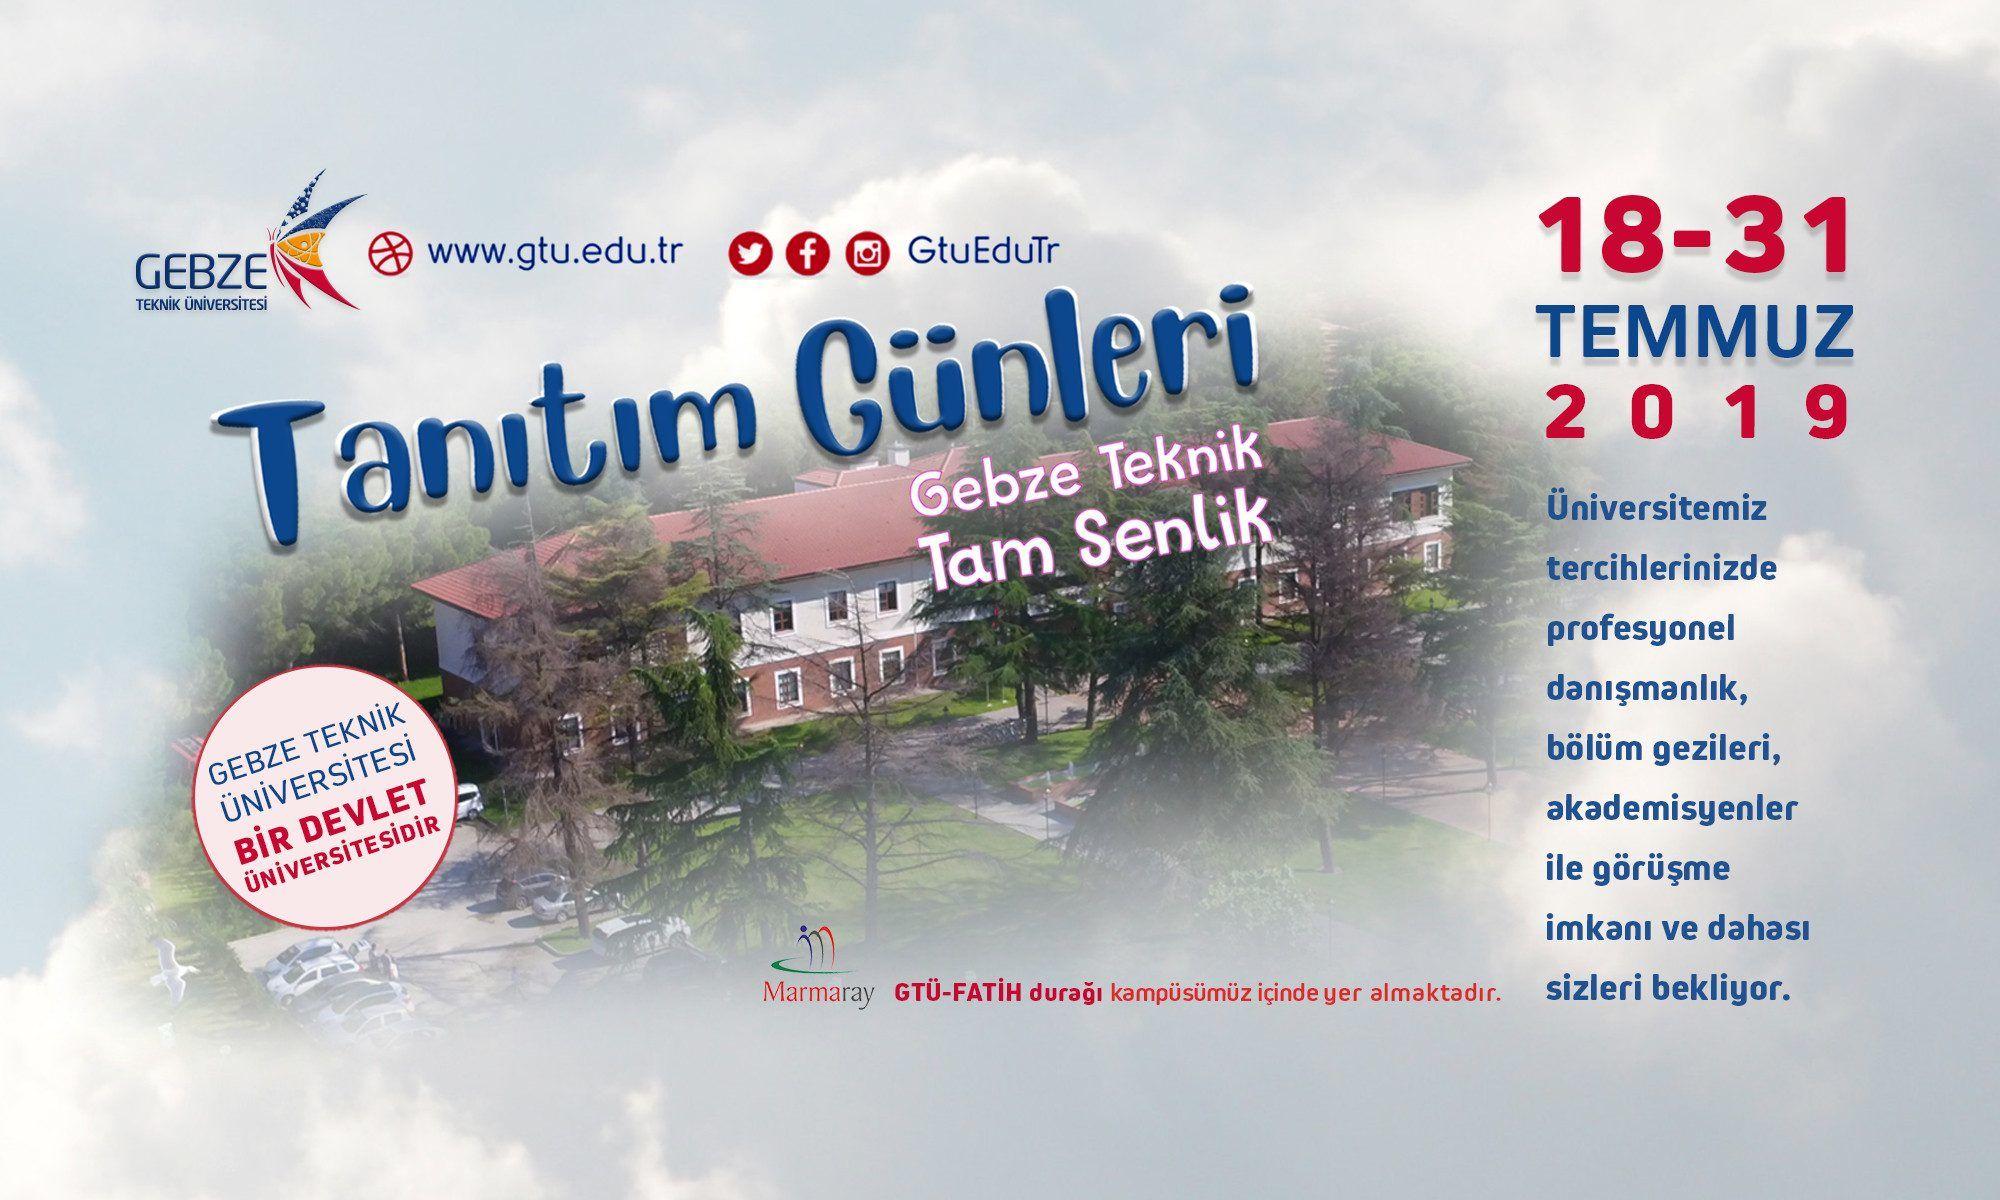 Üniversite Tercih Fuarı 2019 Ankara GEBZE TEKNİK ÜNİVERSİTESİ